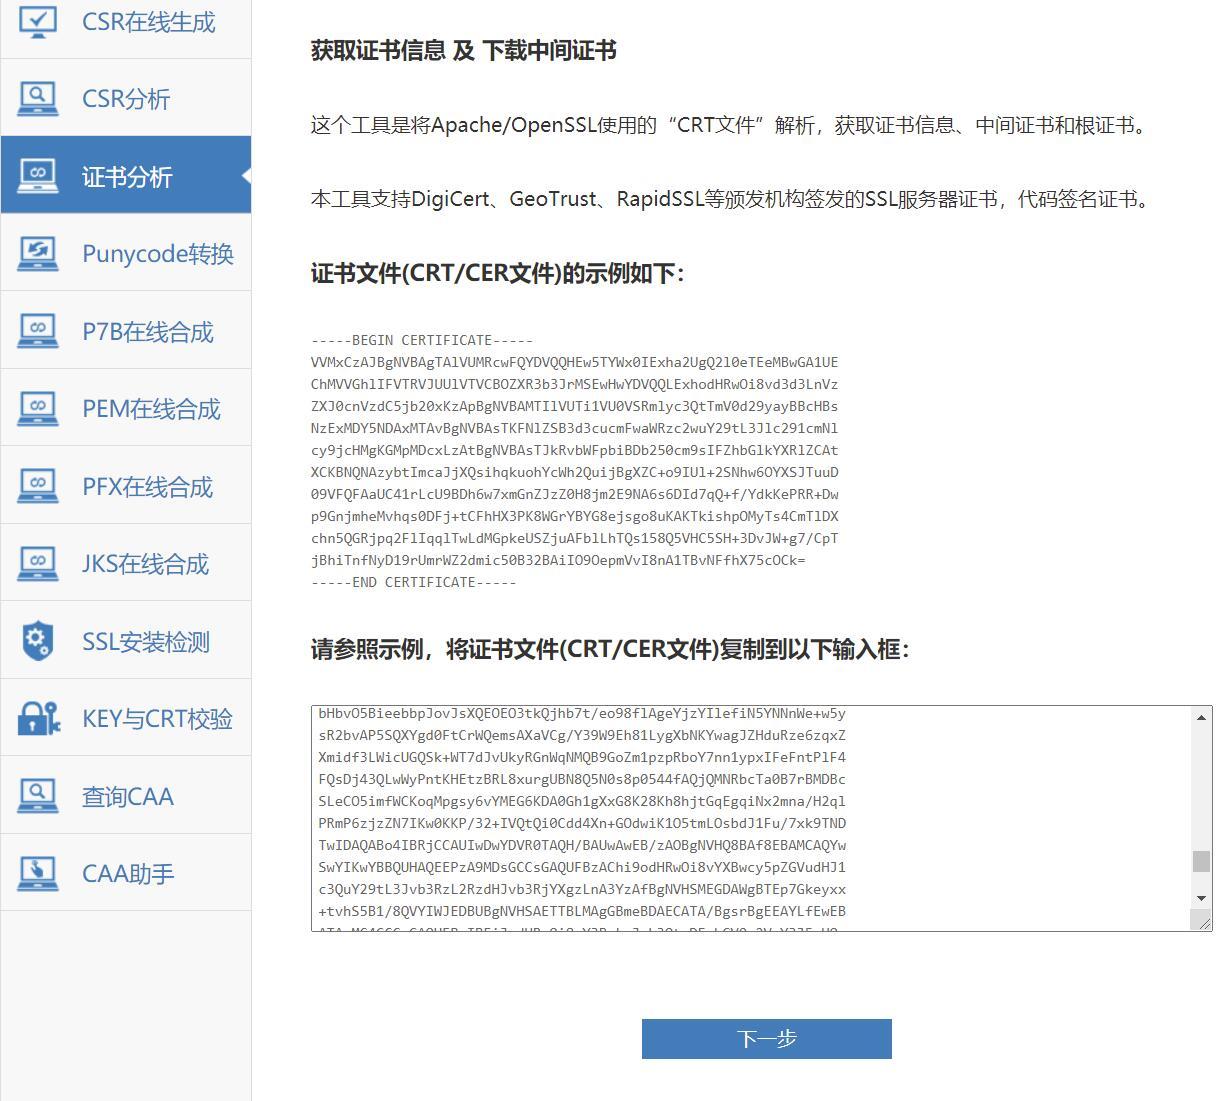 复制证书(PEM格式)内容